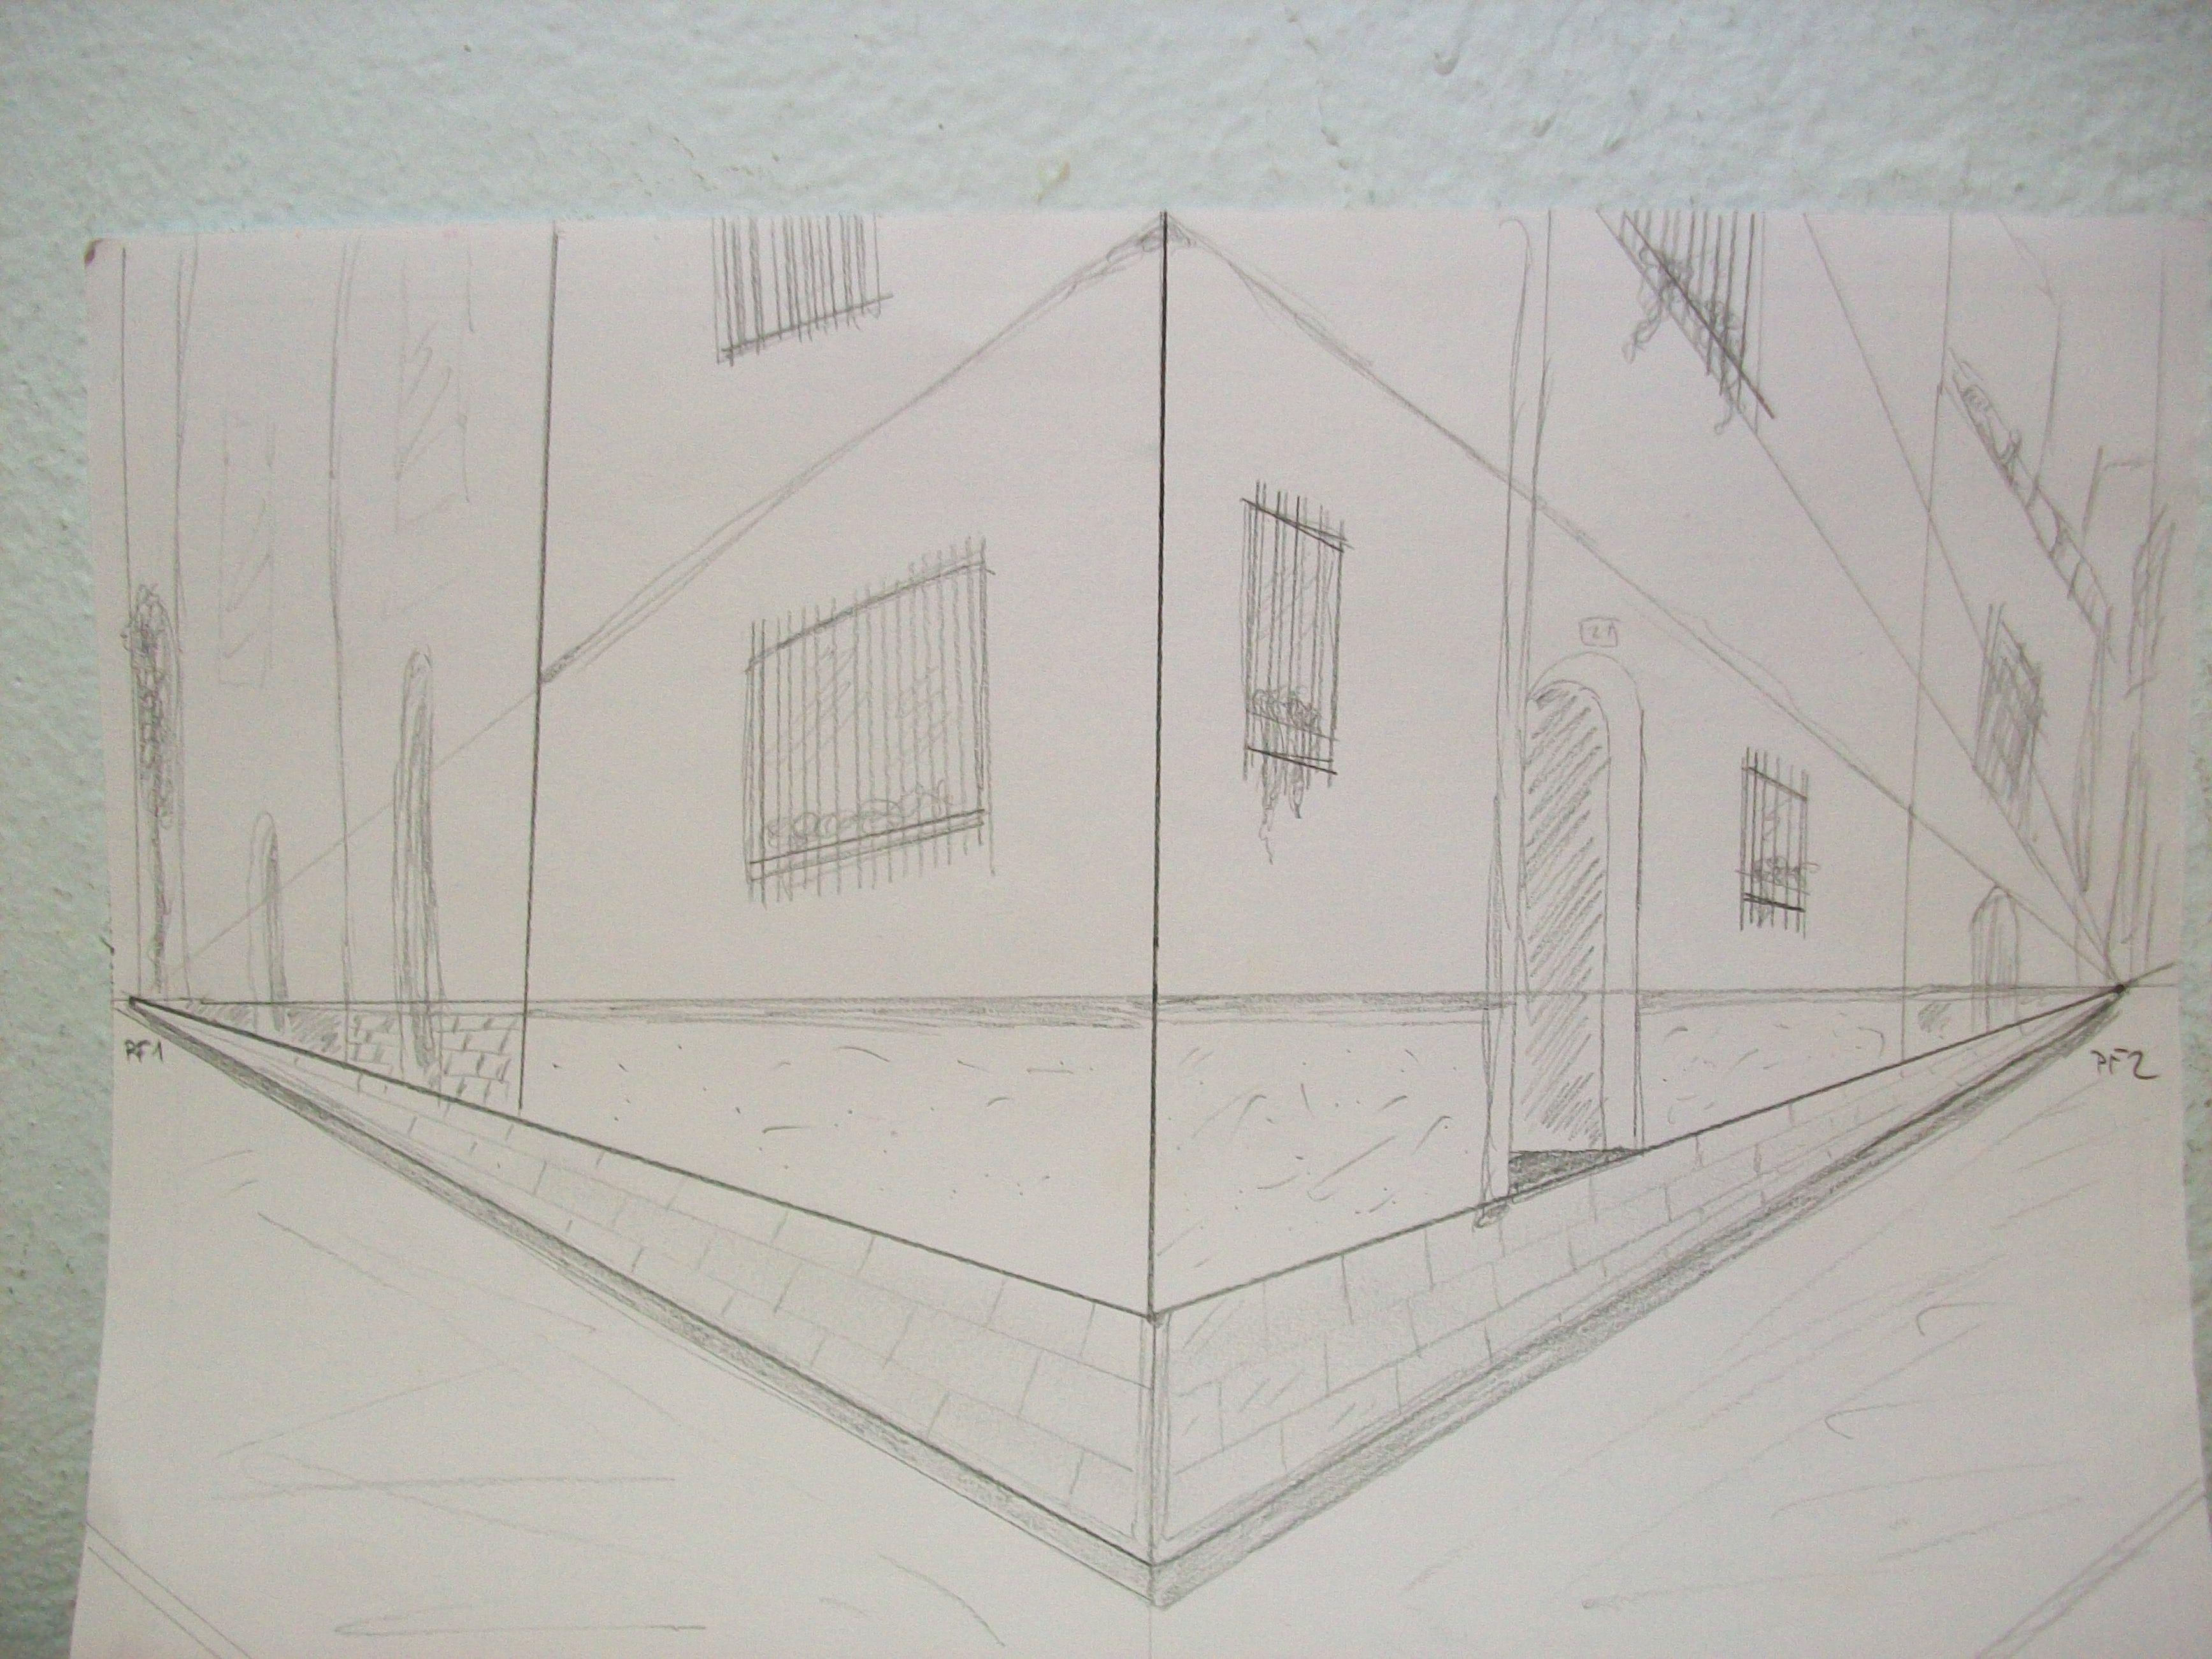 Ejercicio Nº 2 Perspectiva Conica Oblicua Con Dos Puntos De Fuga Dibujo Perspectiva Perspectiva Punto De Fuga